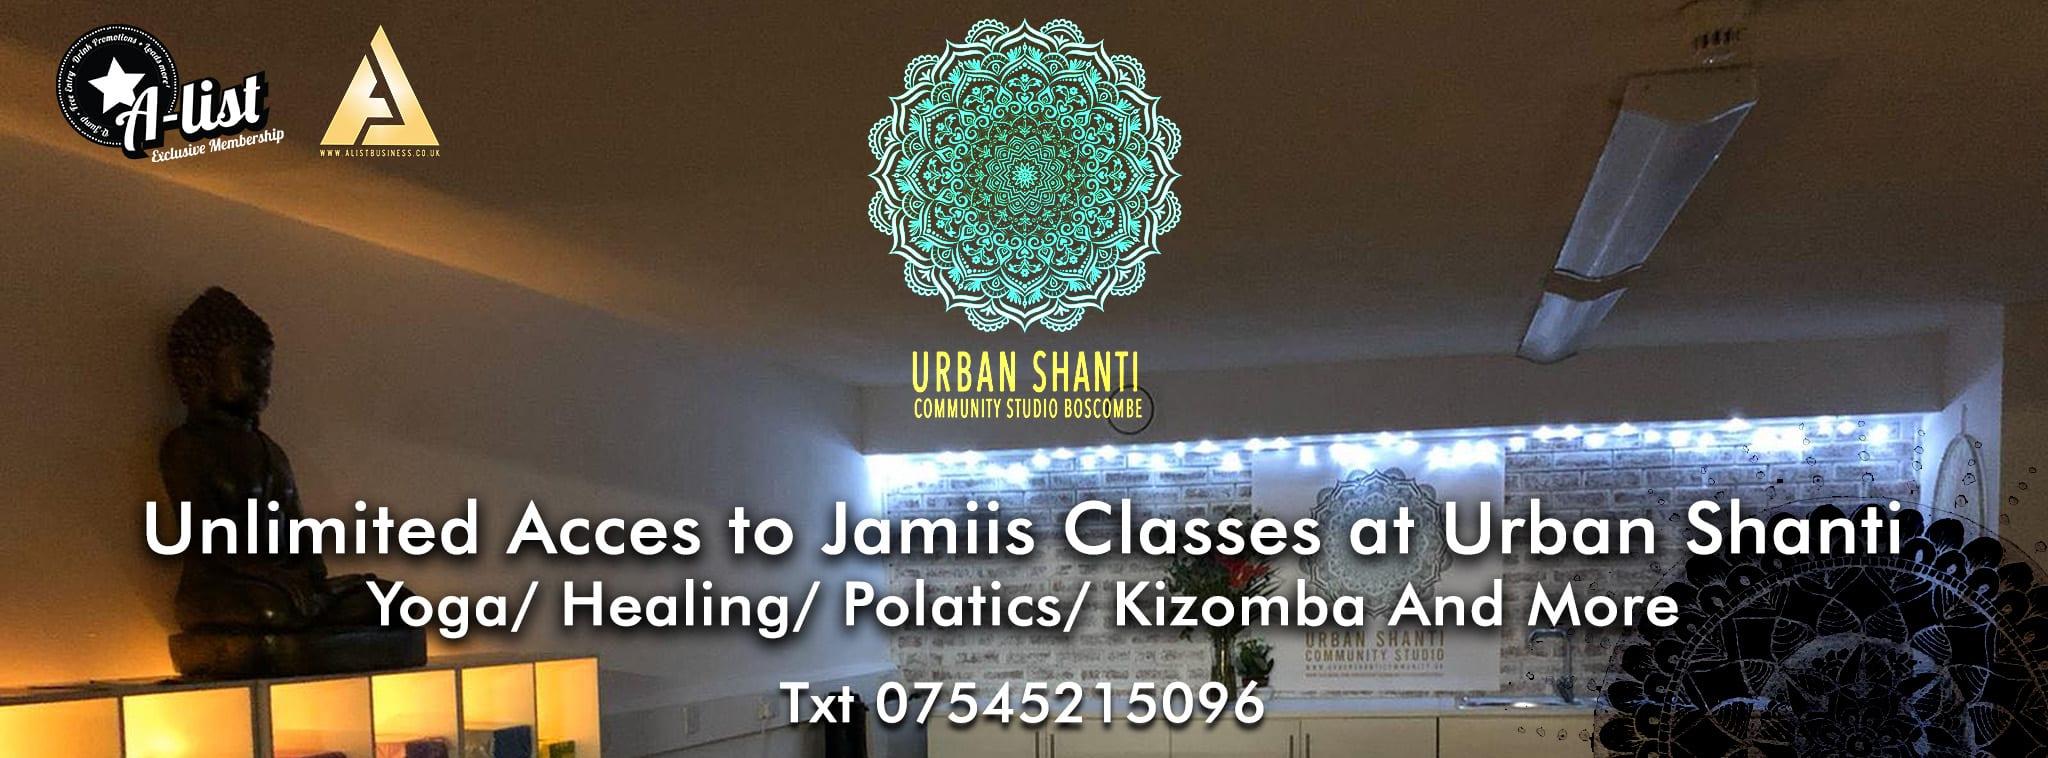 Urban Shanti – Jamii's Classes